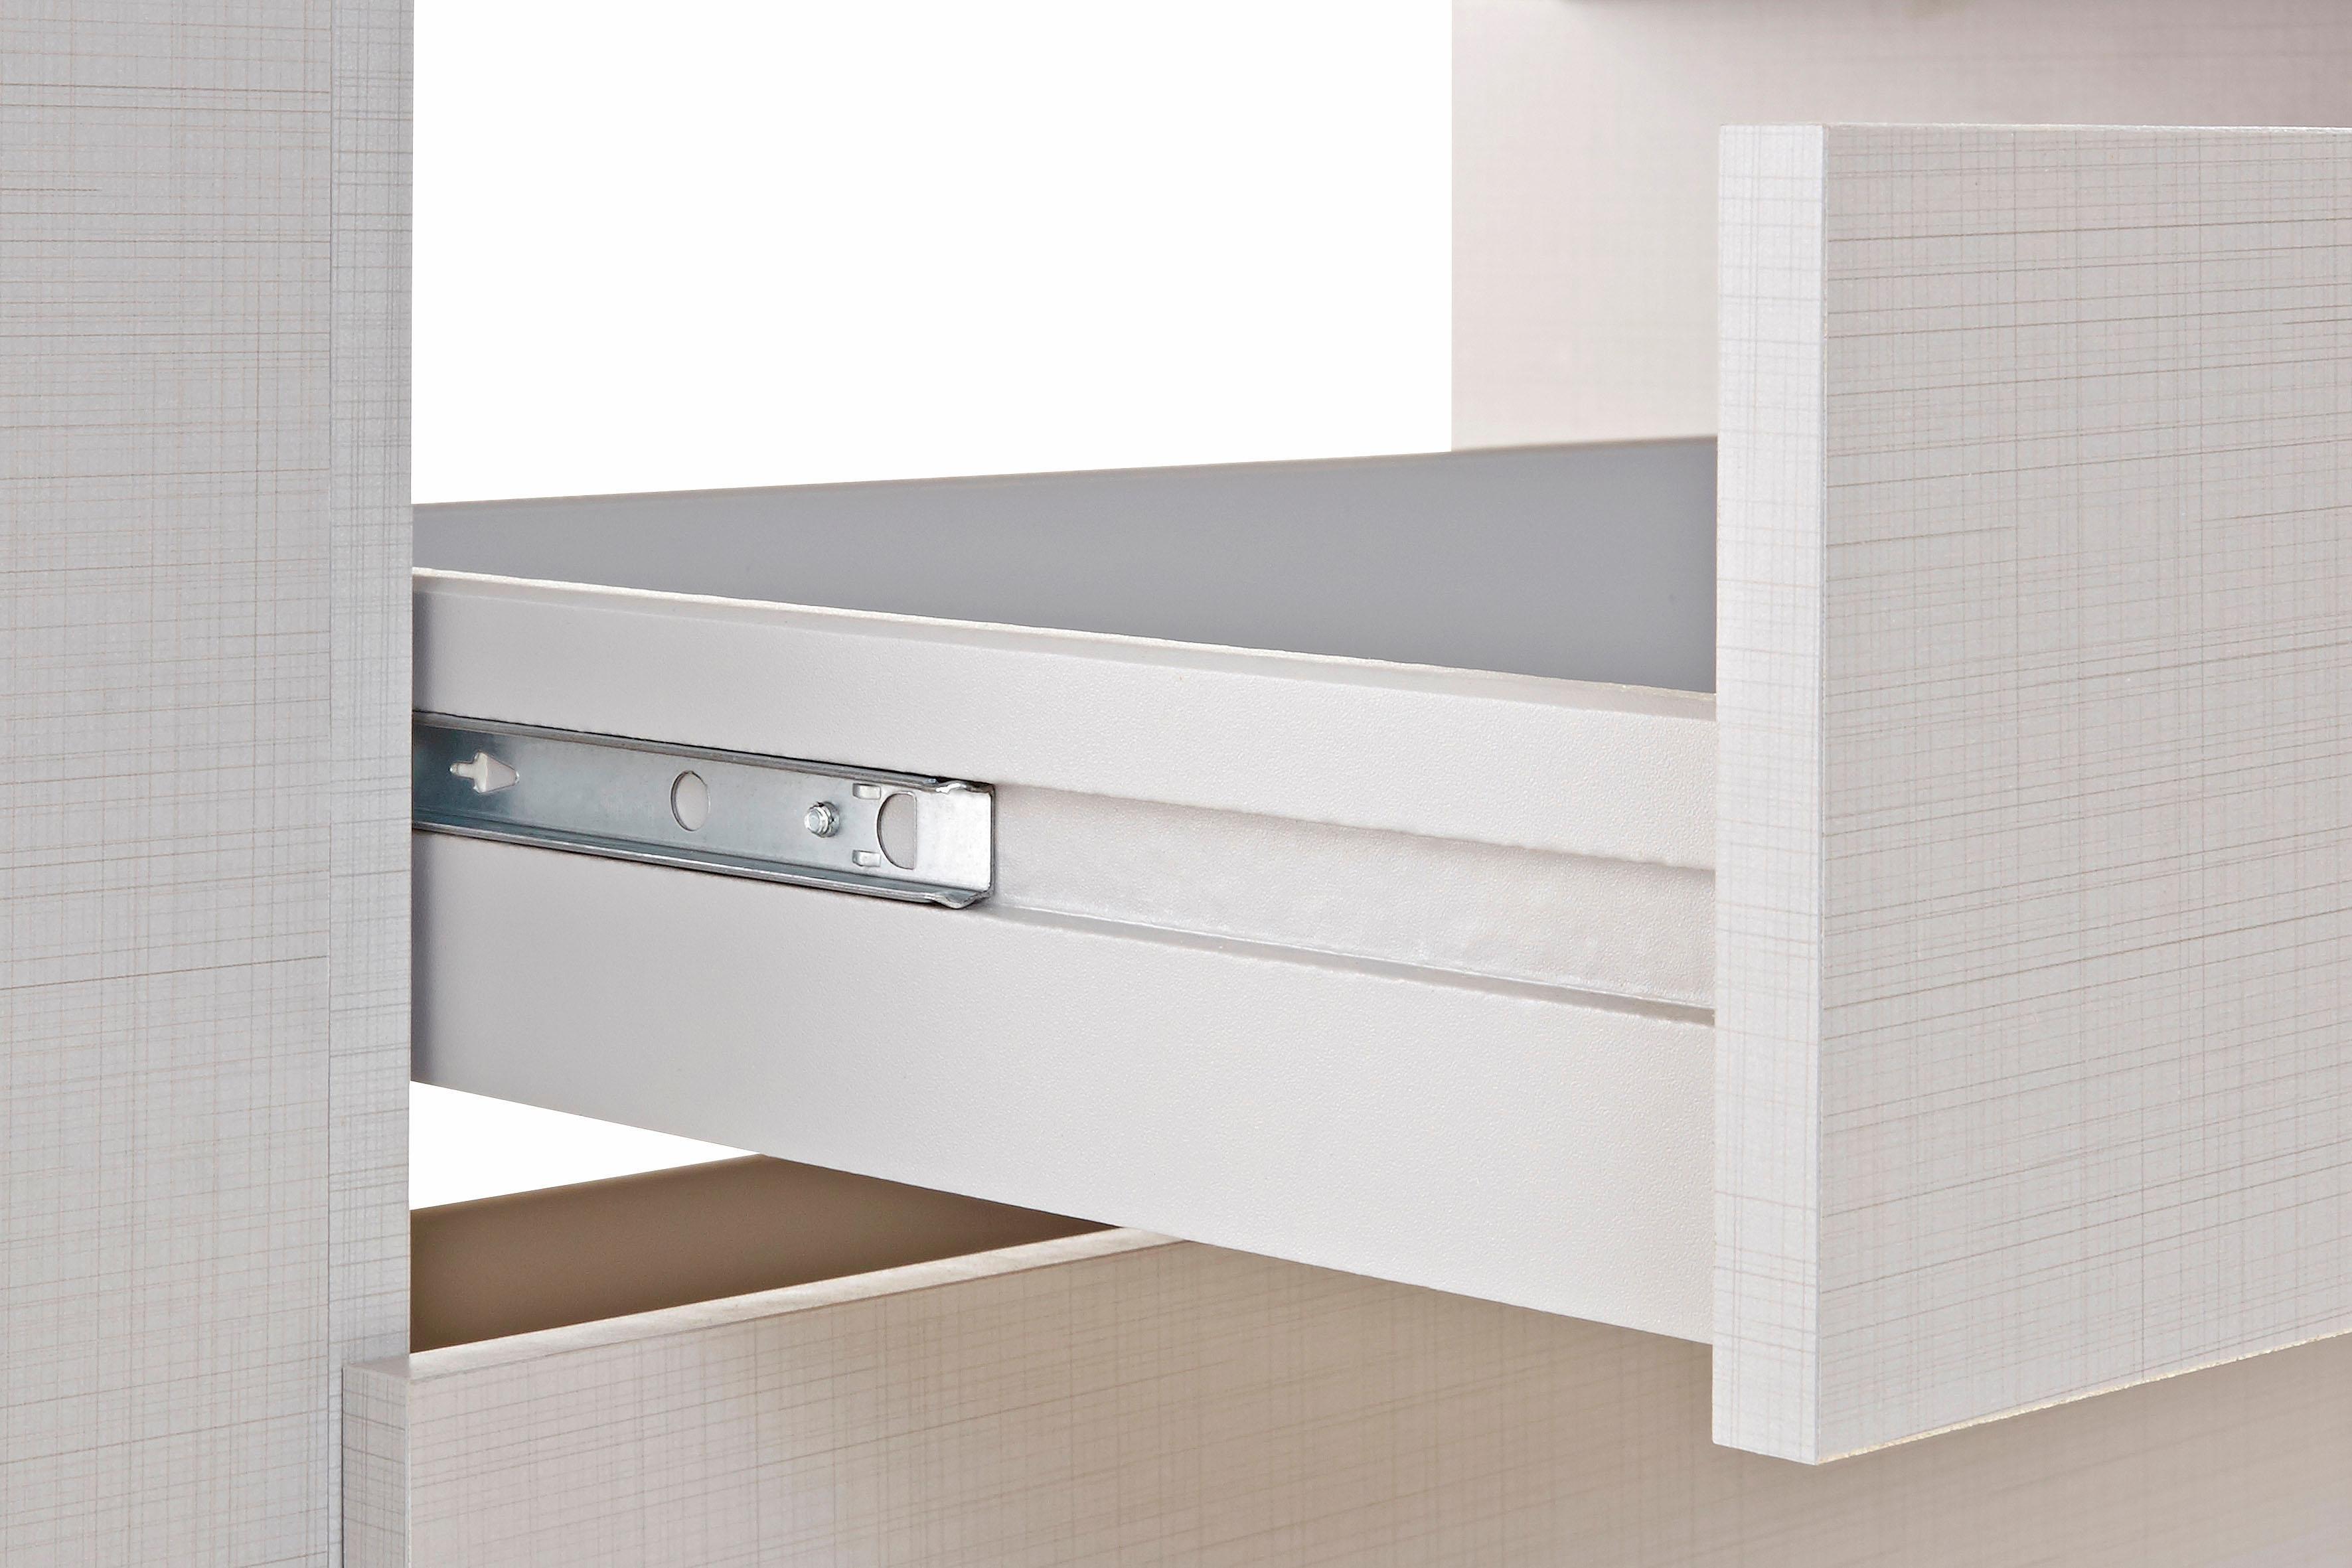 Planken Voor Kledingkast.Wimex Garderobekast Inclusief Lade Inzet En Losse Planken Makkelijk